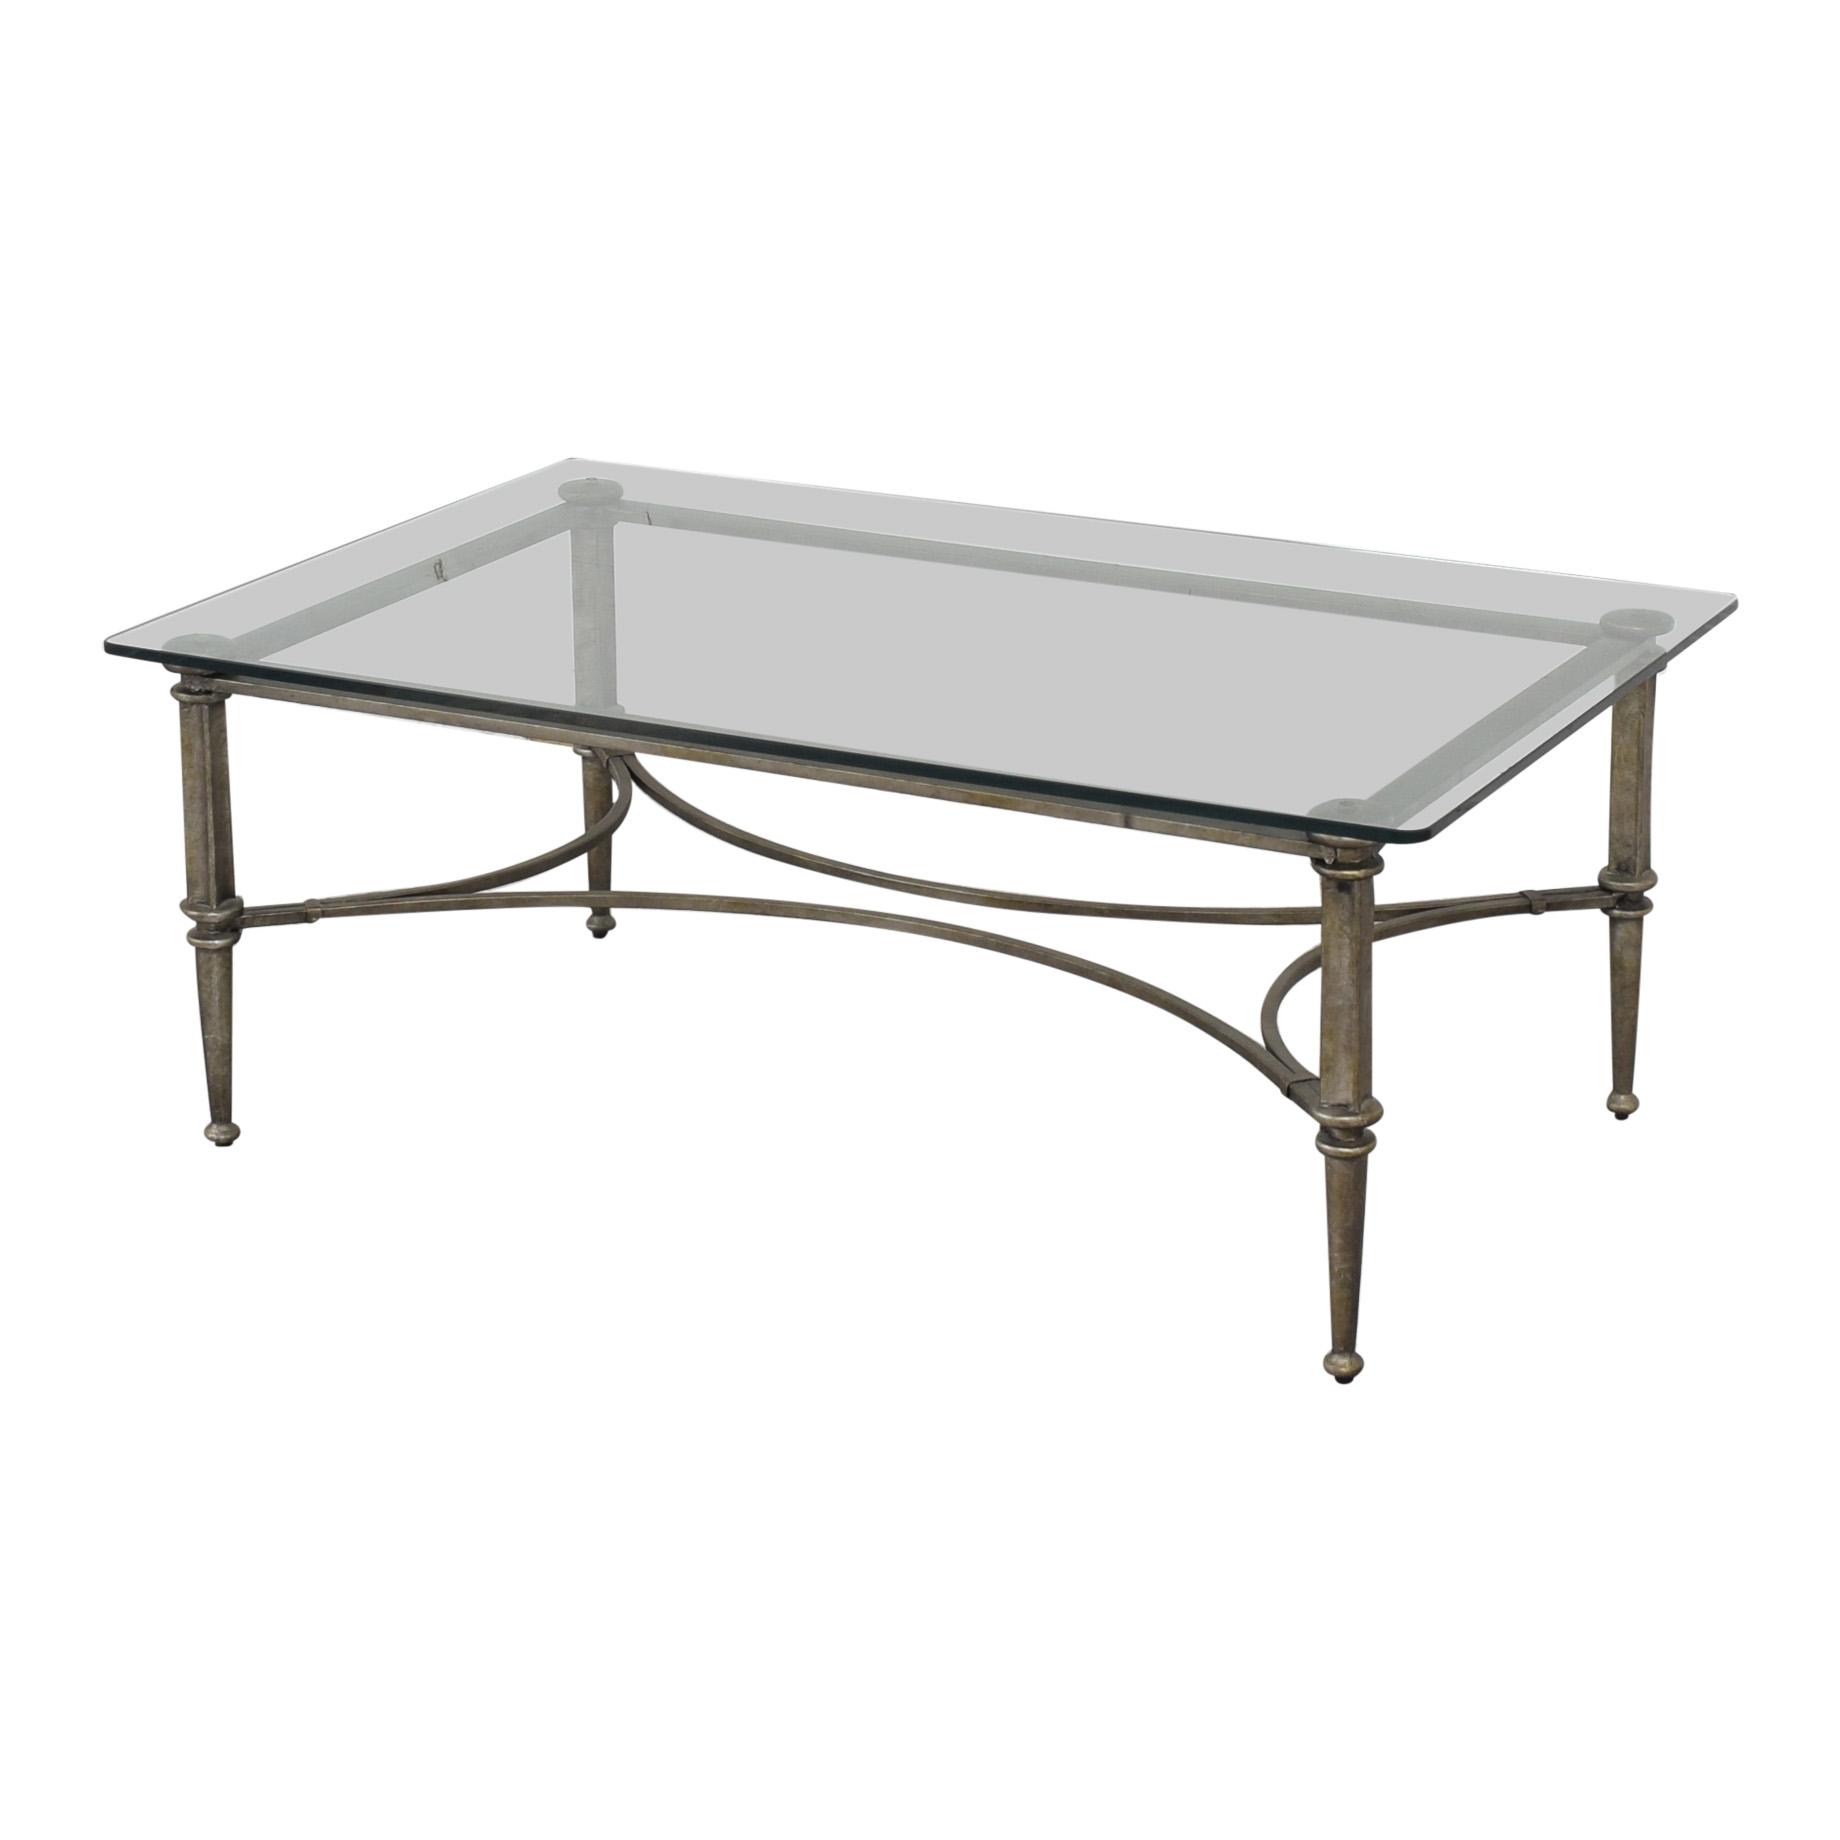 buy Bloomingdale's Glass Coffee Table Bloomingdale's Coffee Tables